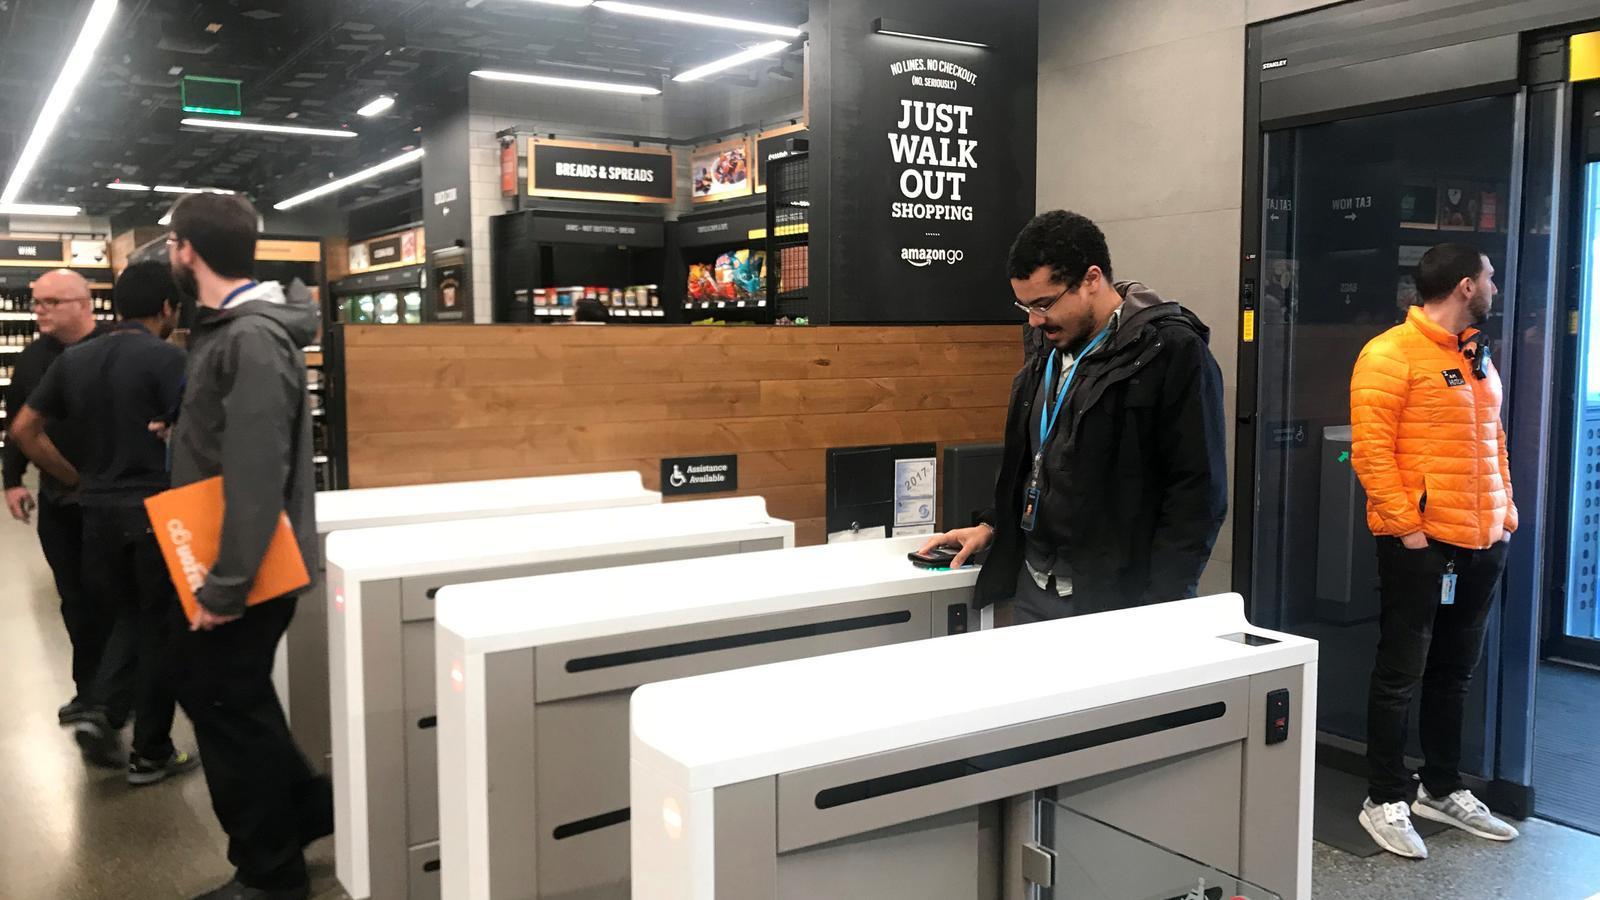 Un client escaneja el seu compte a Amazon Go amb el mòbil per entrar a la botiga.